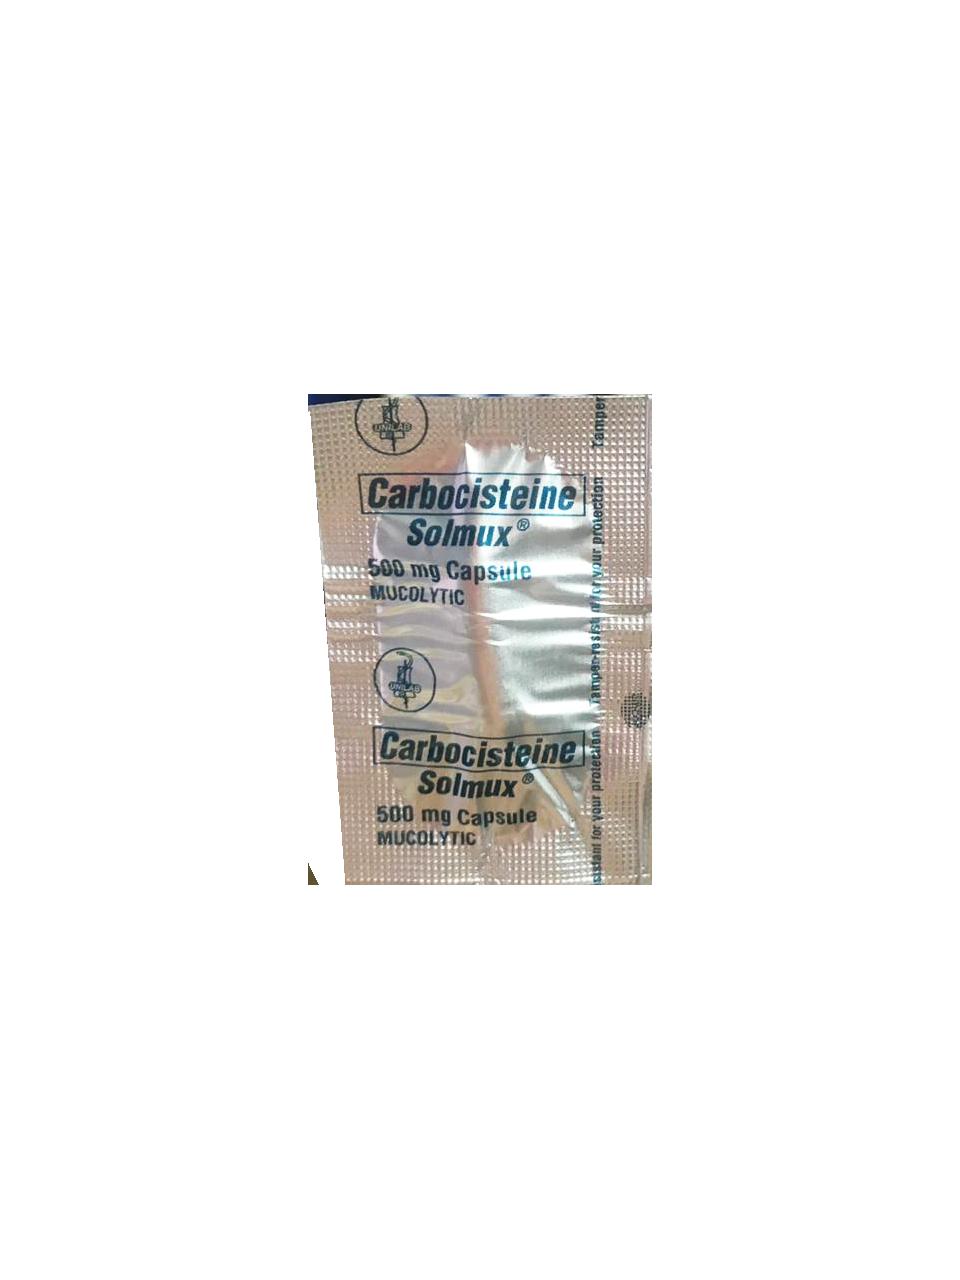 Solmux Capsule (selling per capsule)